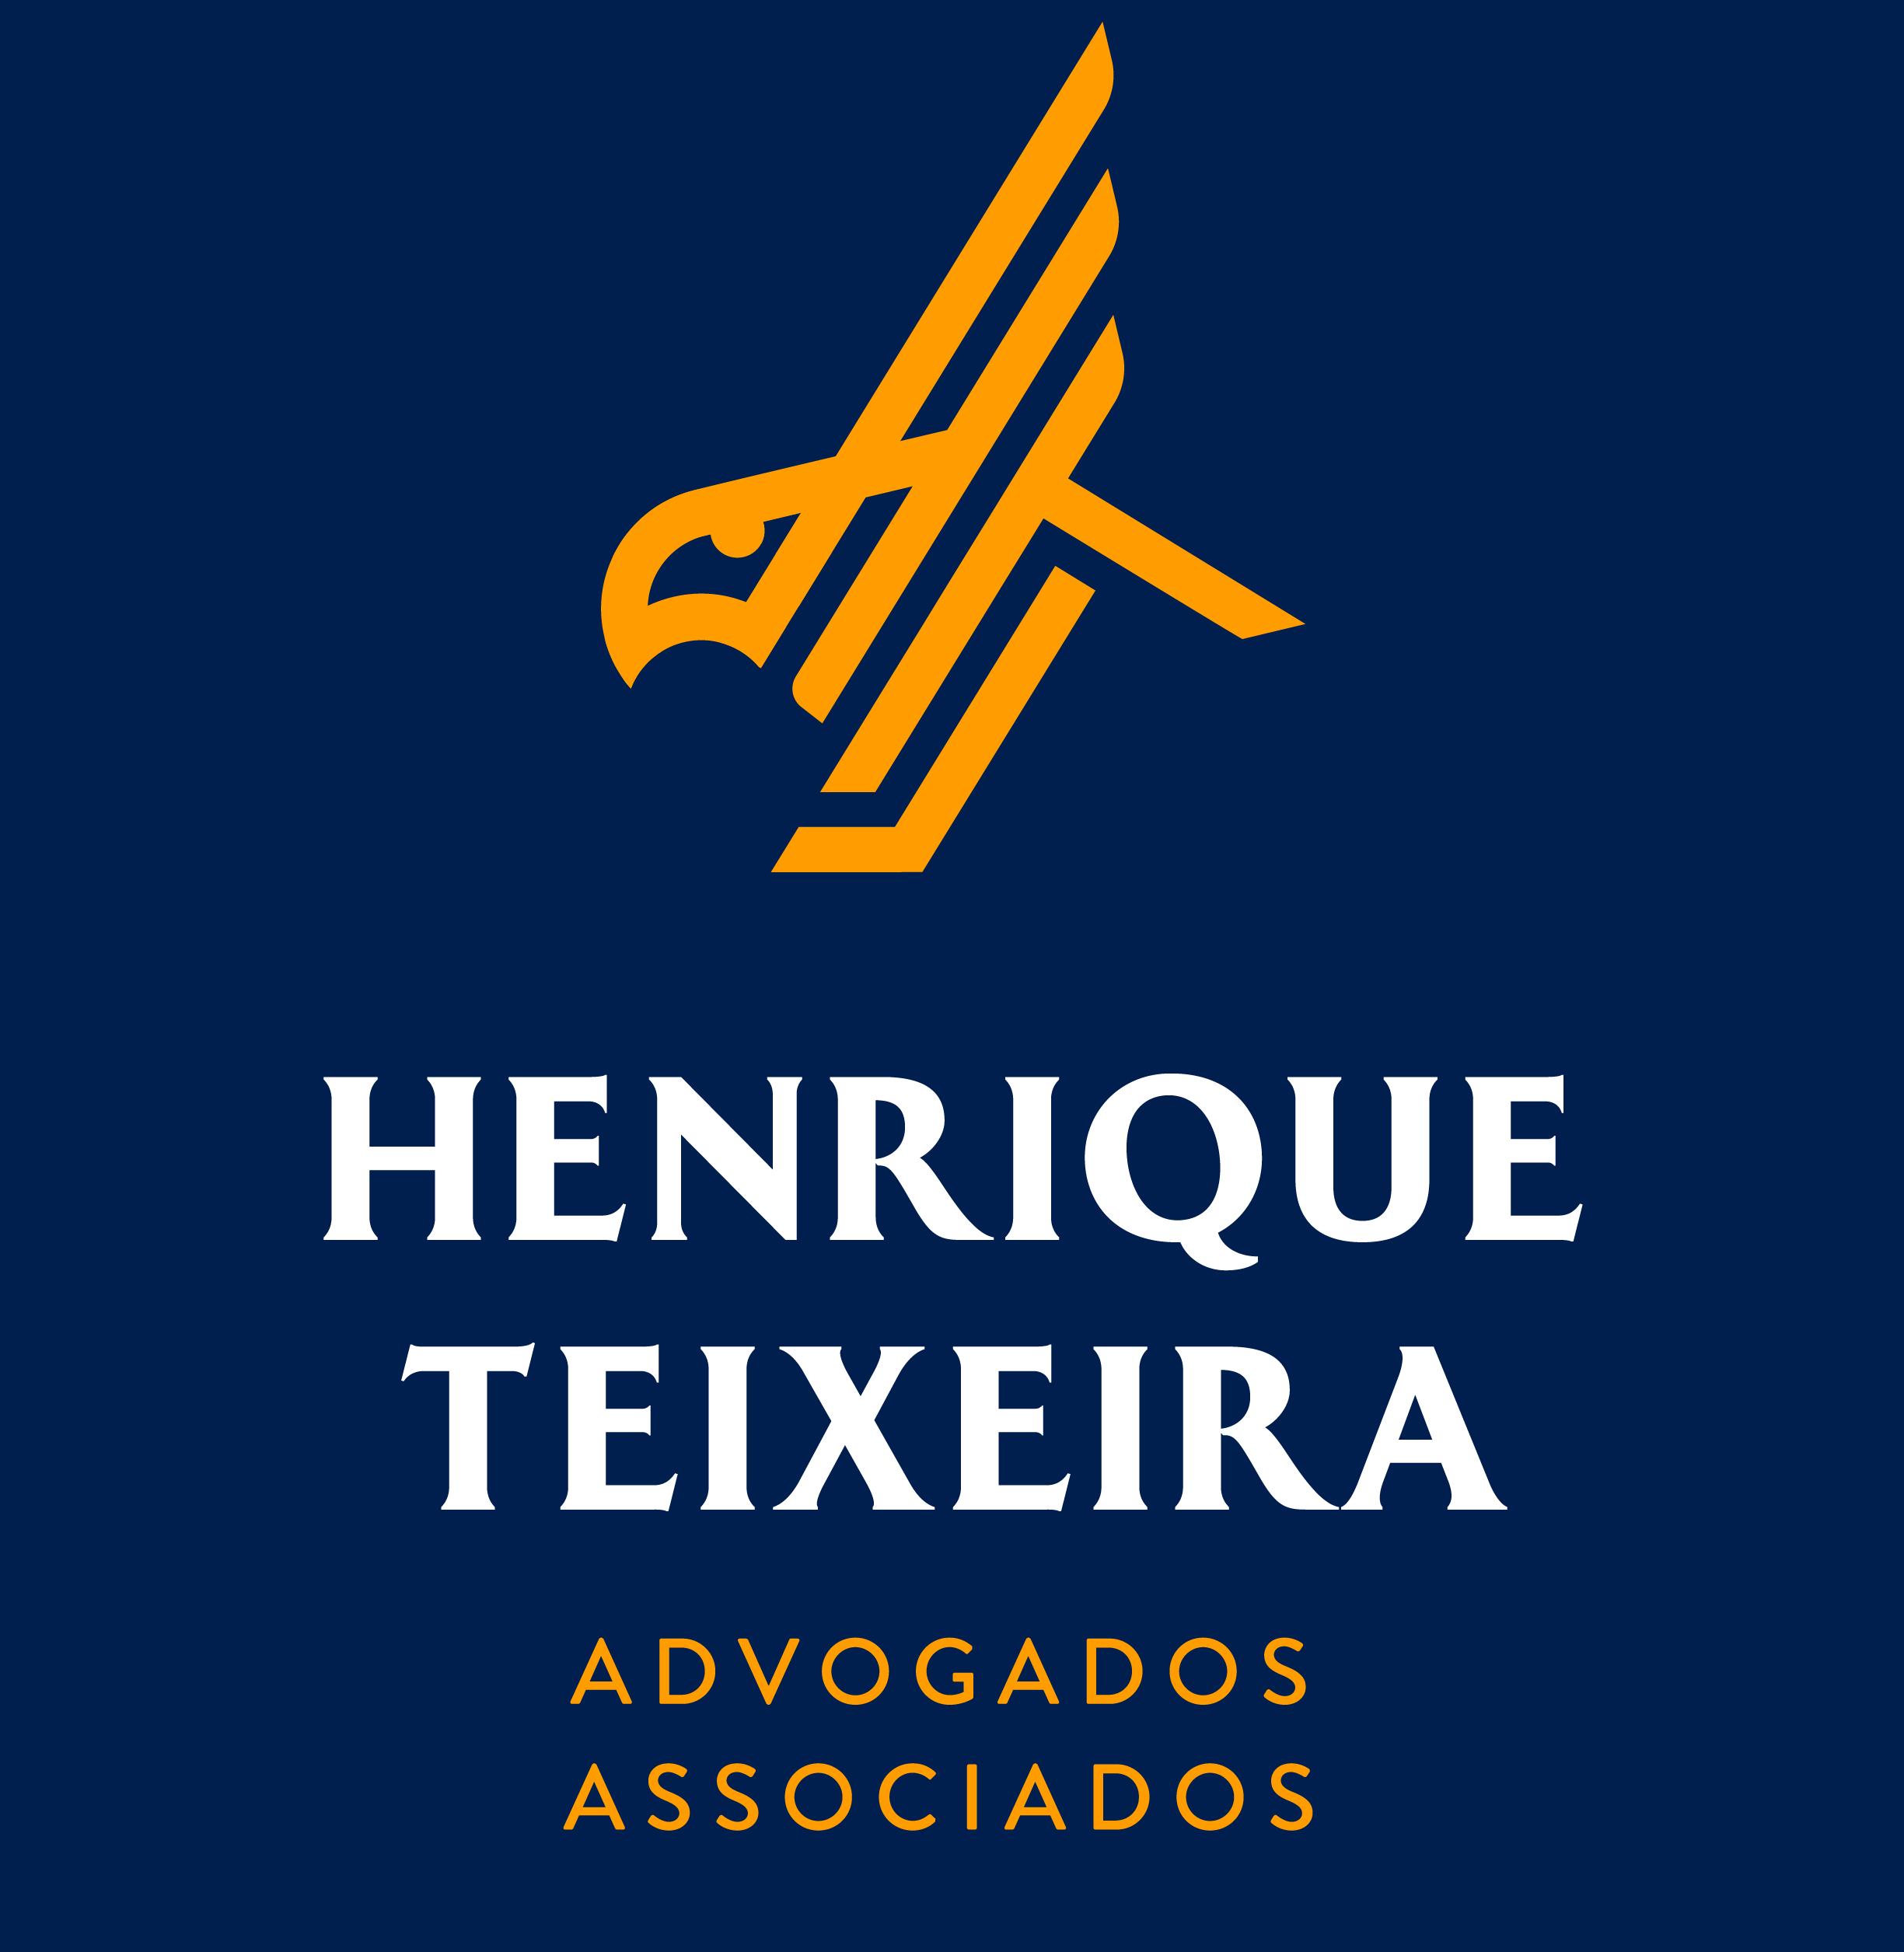 Henrique Teixeira Advogados Associados Icon